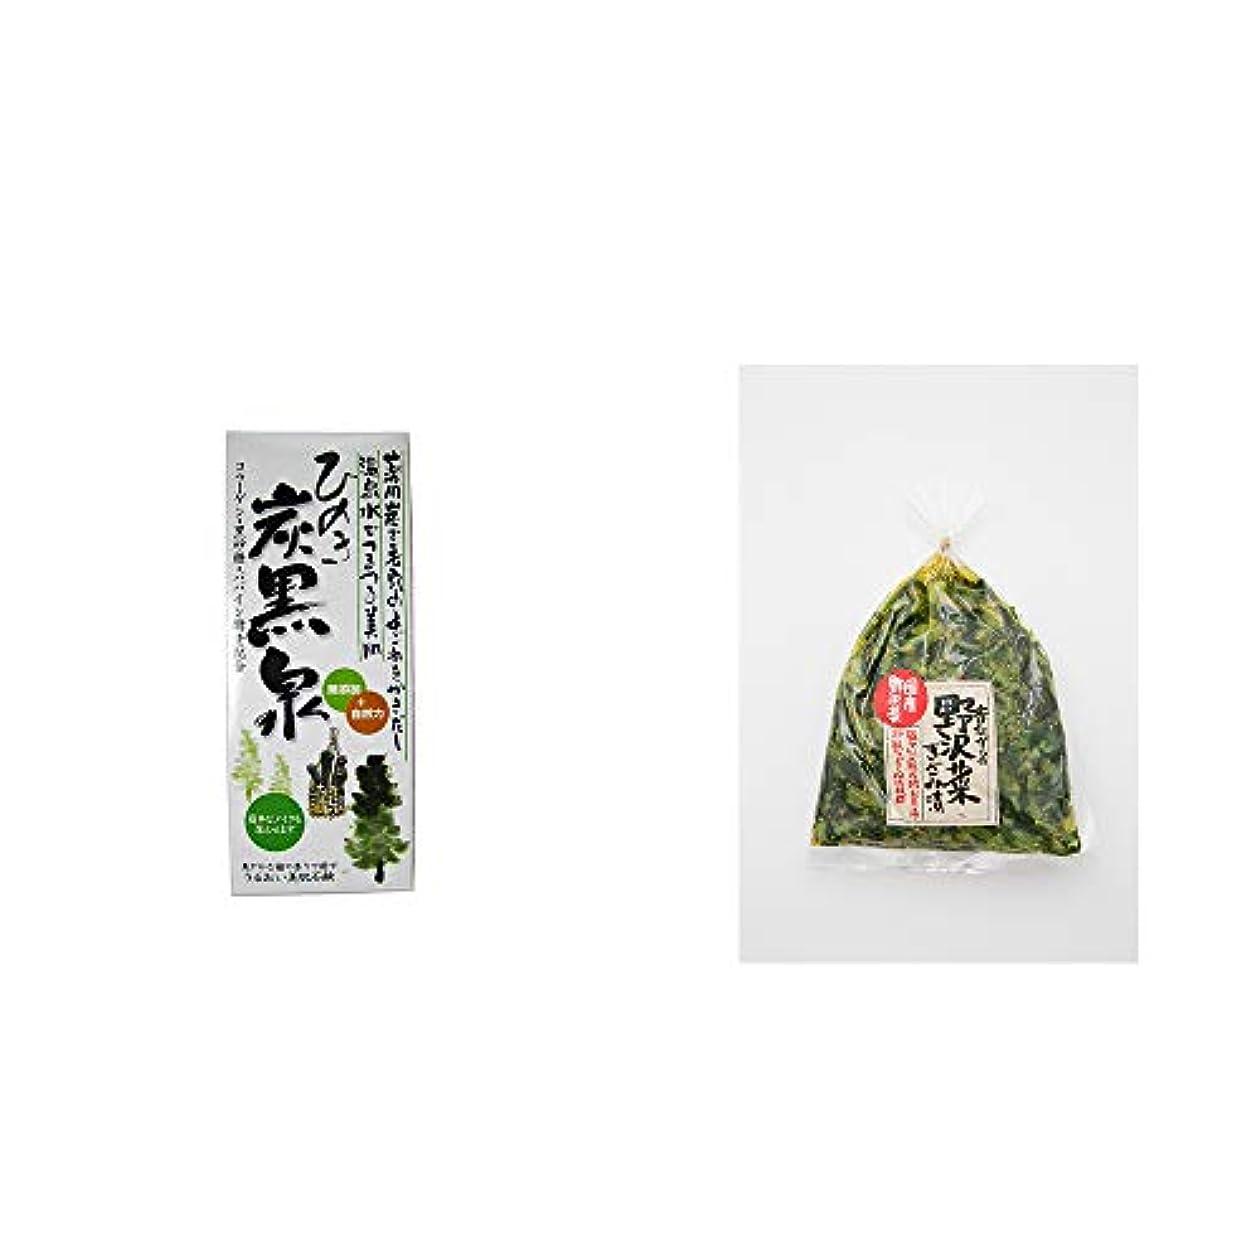 セールスマン然とした木製[2点セット] ひのき炭黒泉 箱入り(75g×3)?国産 昔ながらの野沢菜きざみ漬け(150g)